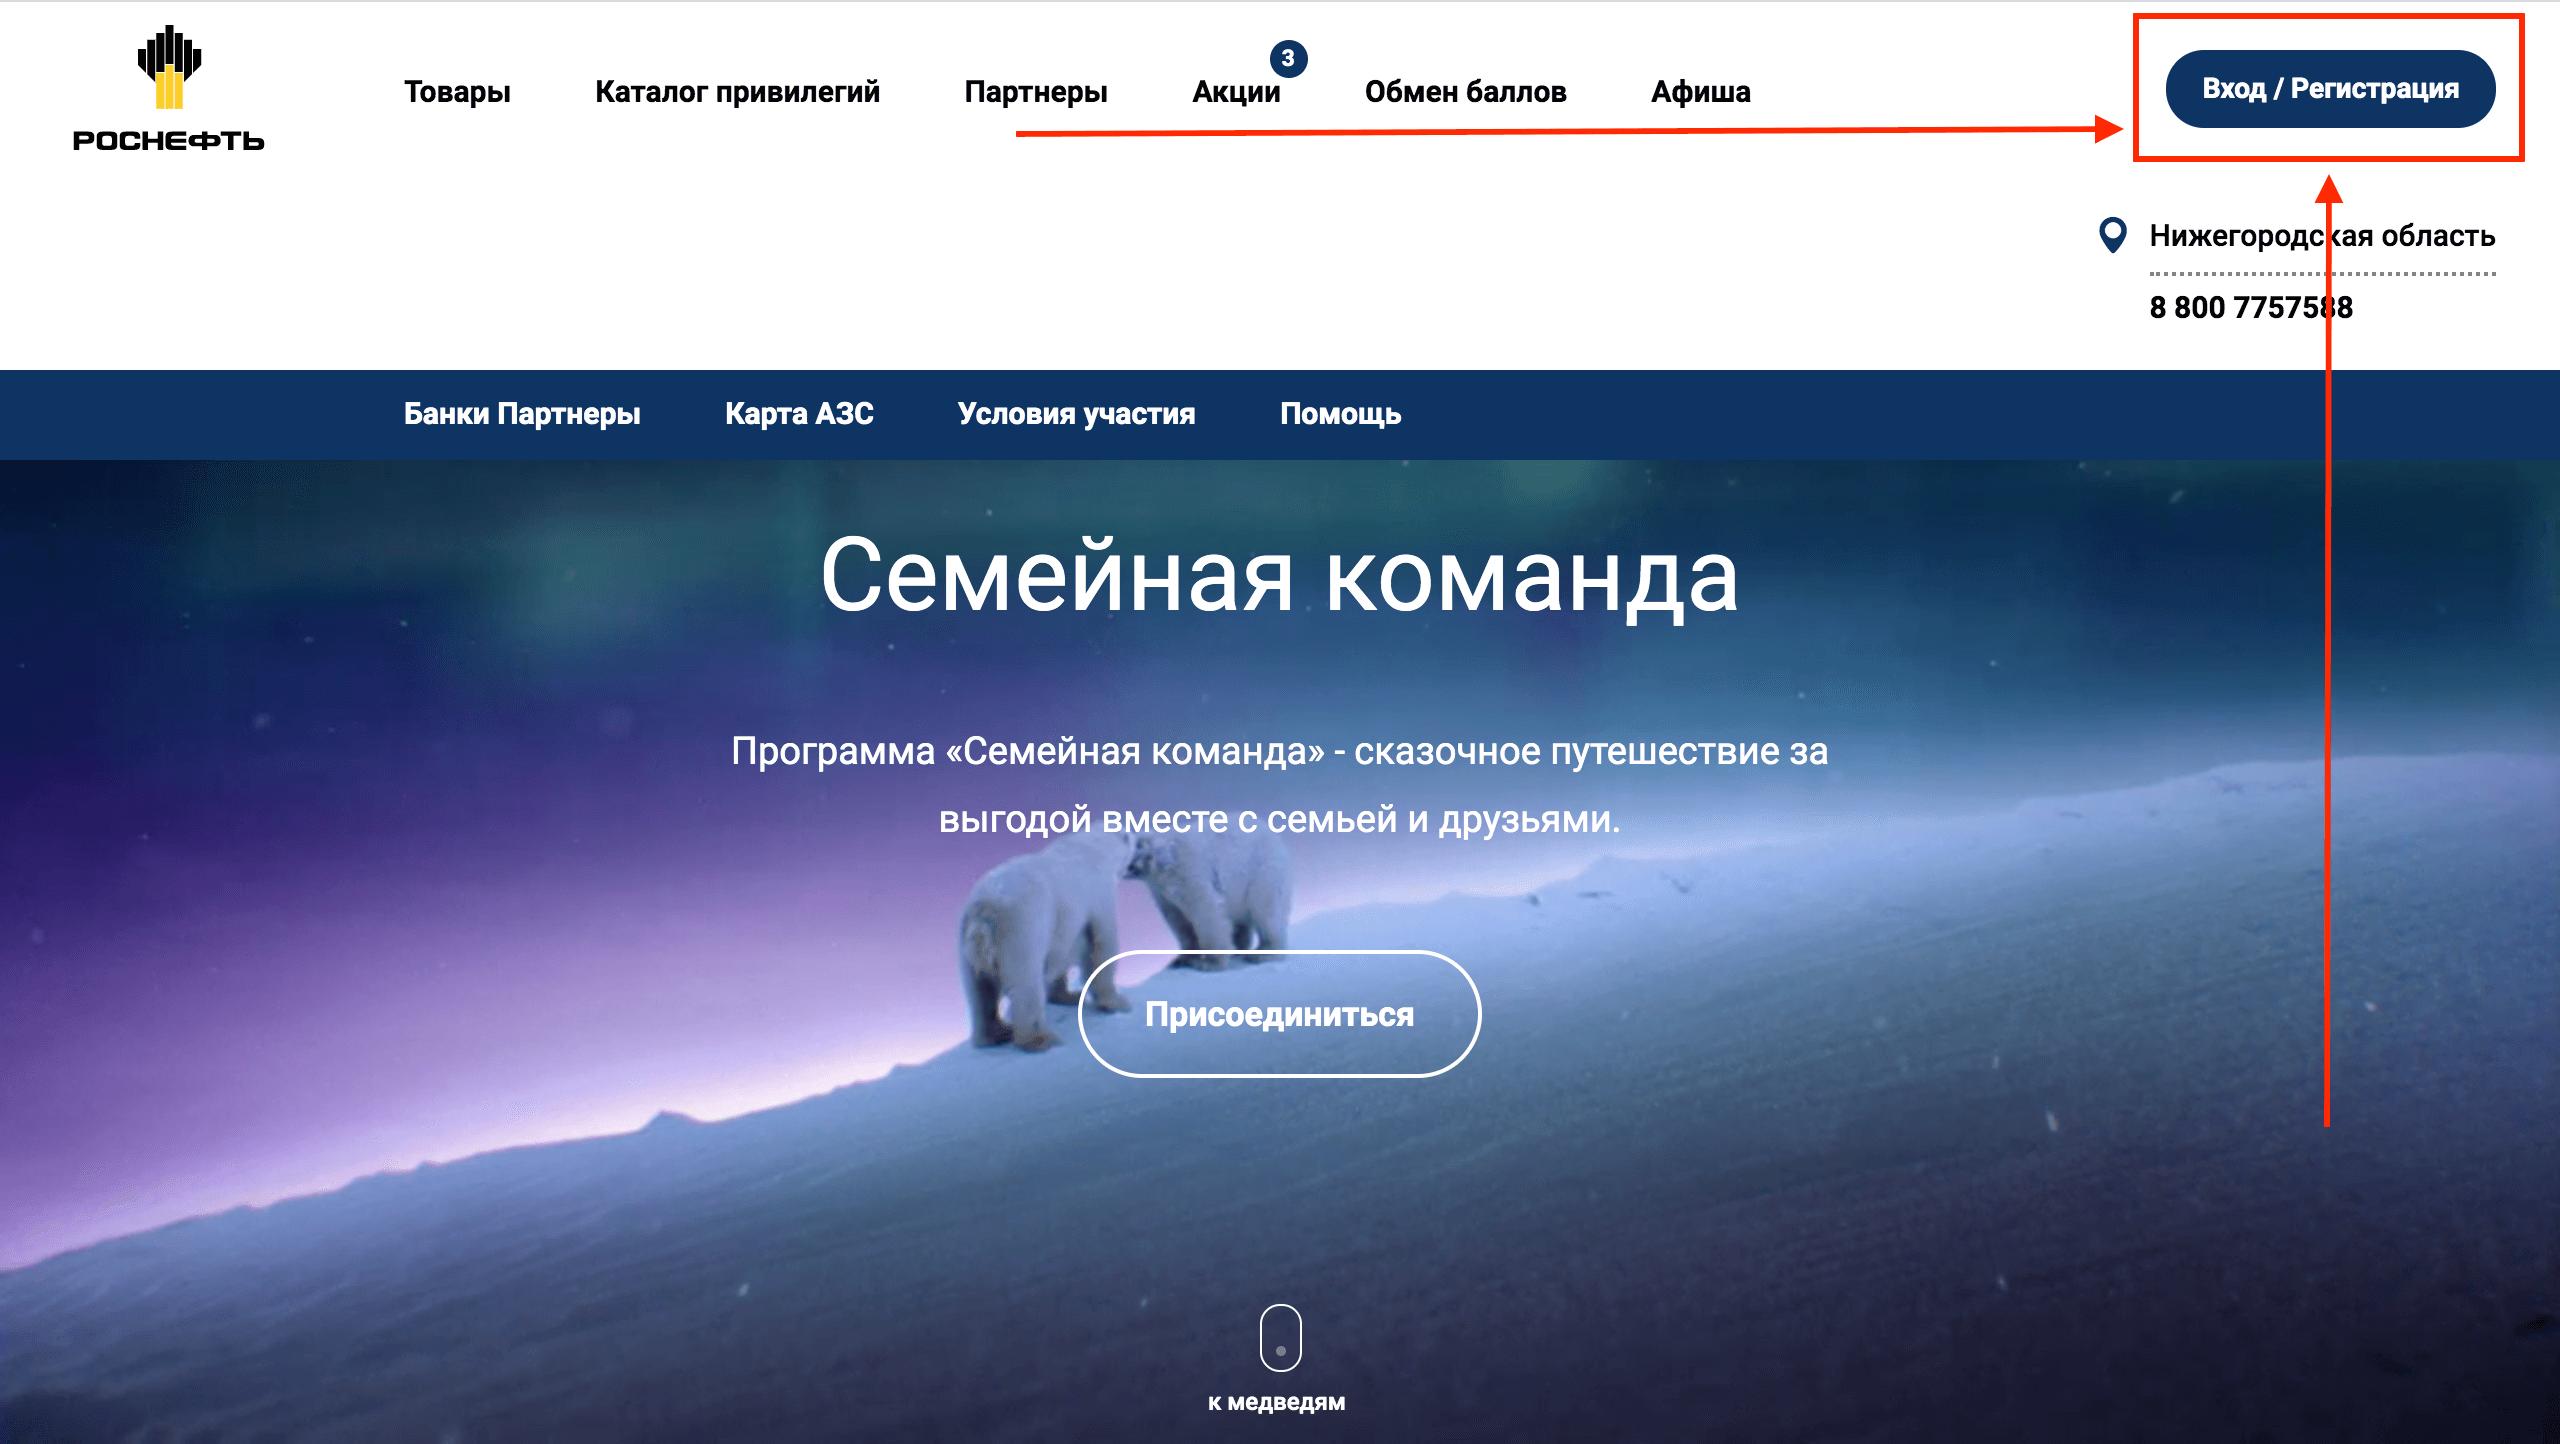 регистрация на сайте роснефть